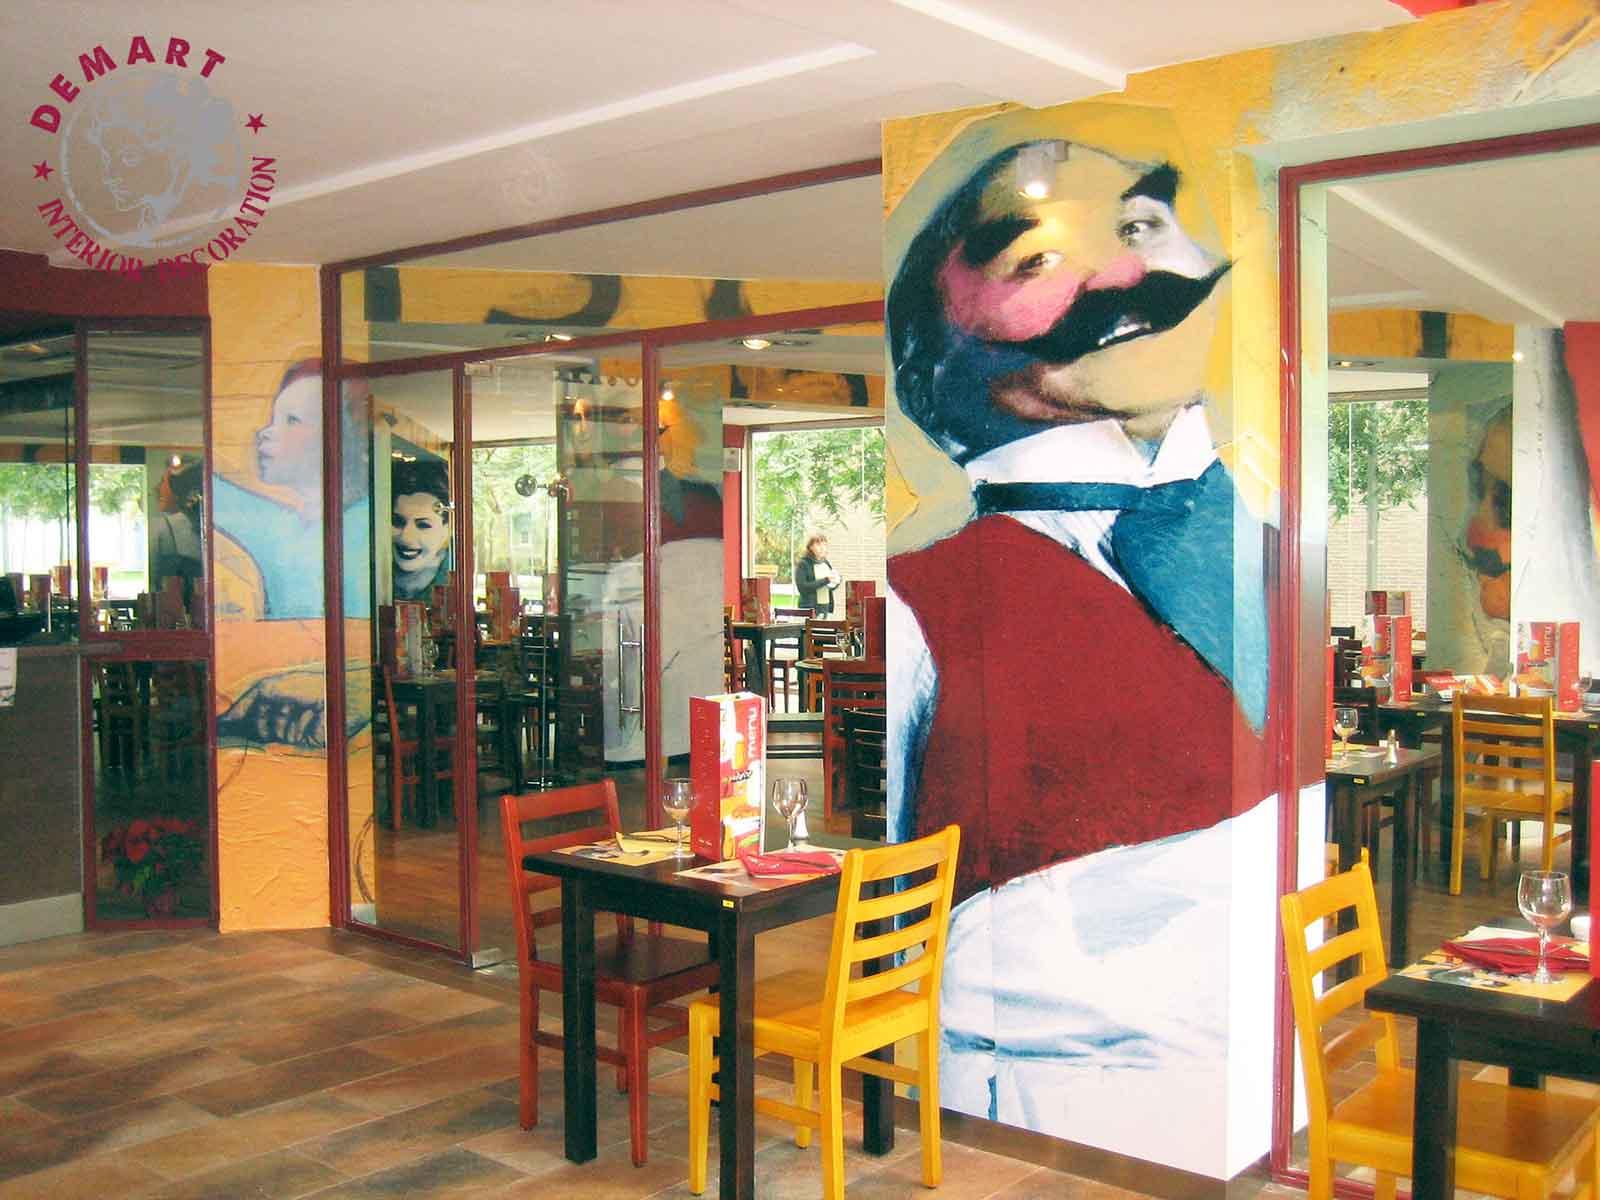 decorazione-parete-ristorante-pastarito-20